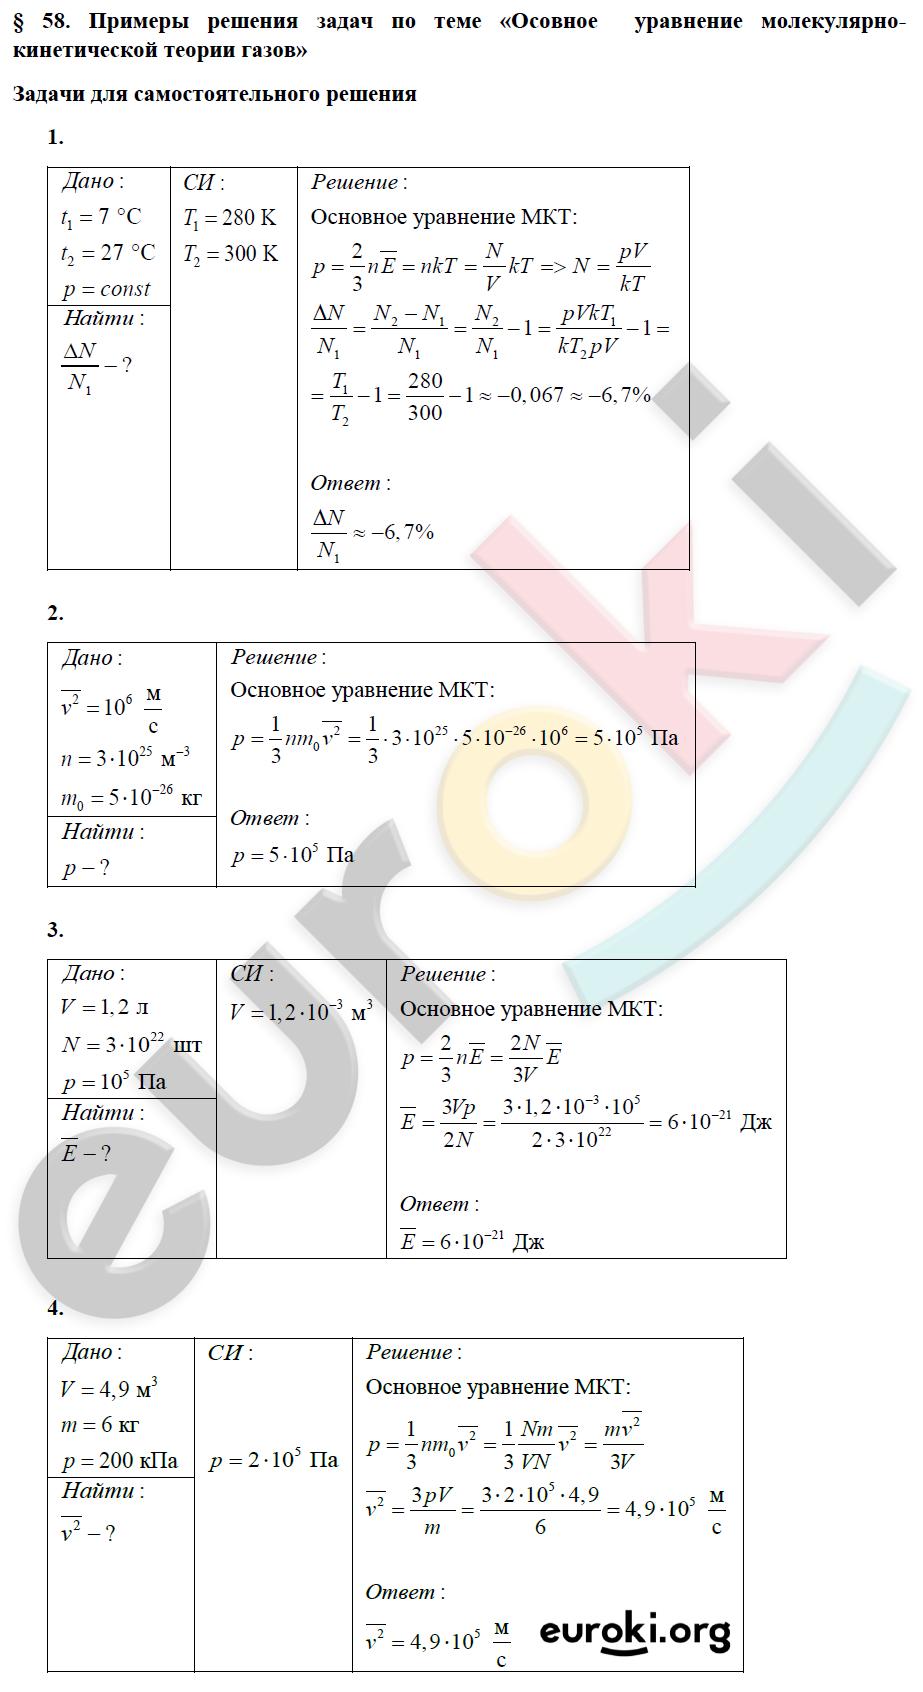 Физика 10 класс решение задач мкт бизнес помощь студенту